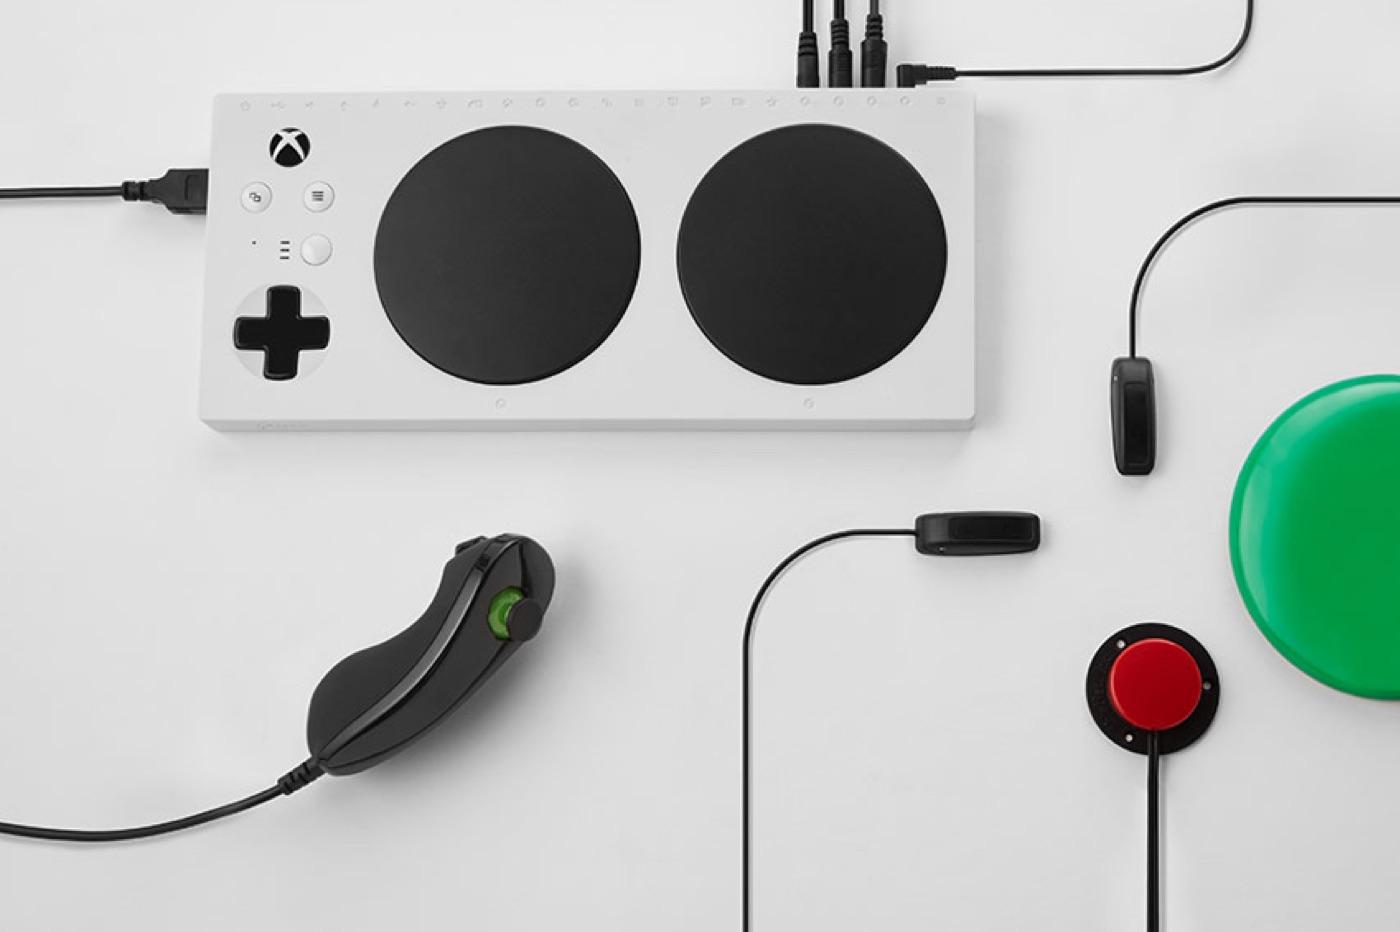 tvOS, iOS et iPadOS 14 : nouveaux contrôleurs Xbox supportés